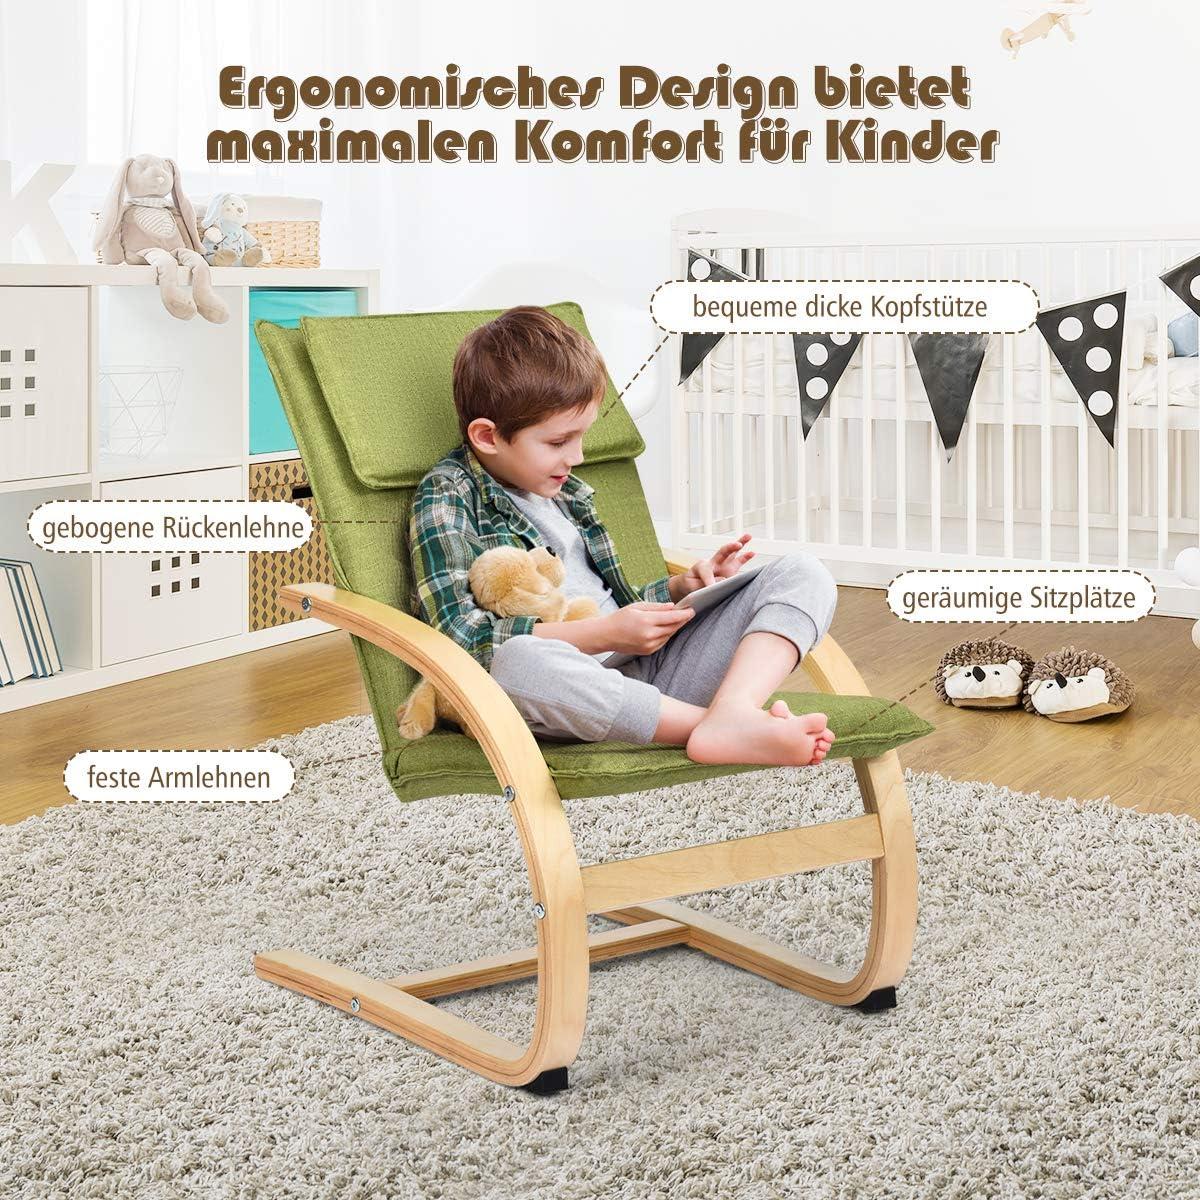 COSTWAY Kindersessel Birke Kinder Schwingsessel Schaukelstuhl Schaukelsessel Kinderstuhl Holz Relaxsessel Kinderm/öbel belastbar bis 120kg